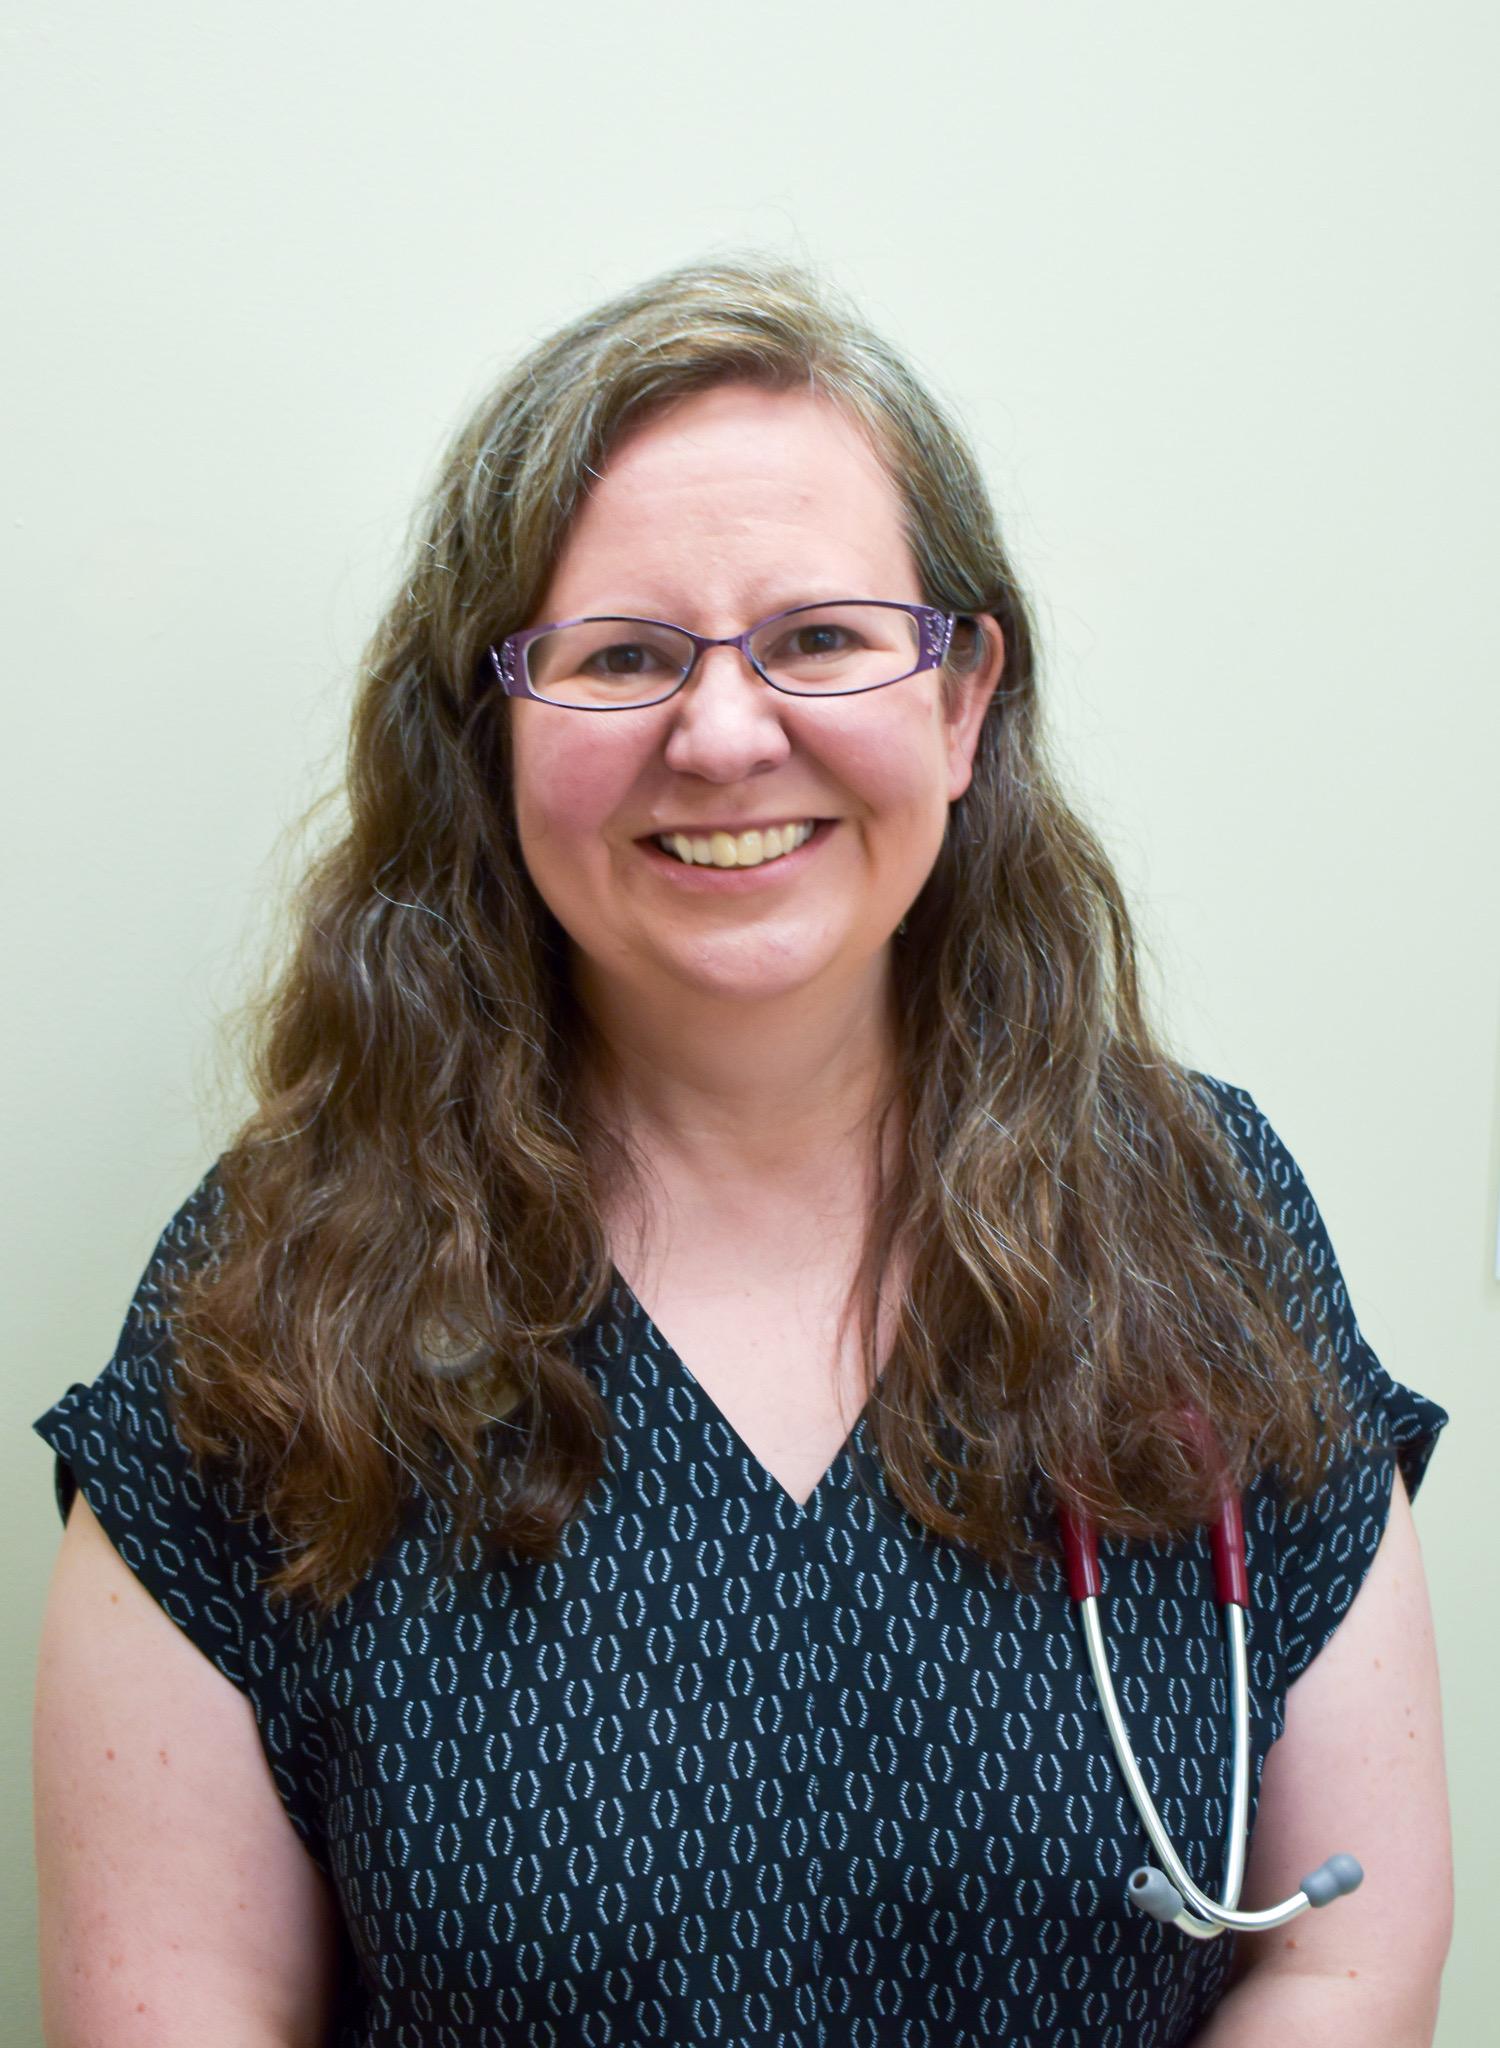 凯伦Leuenberger, |医生助理